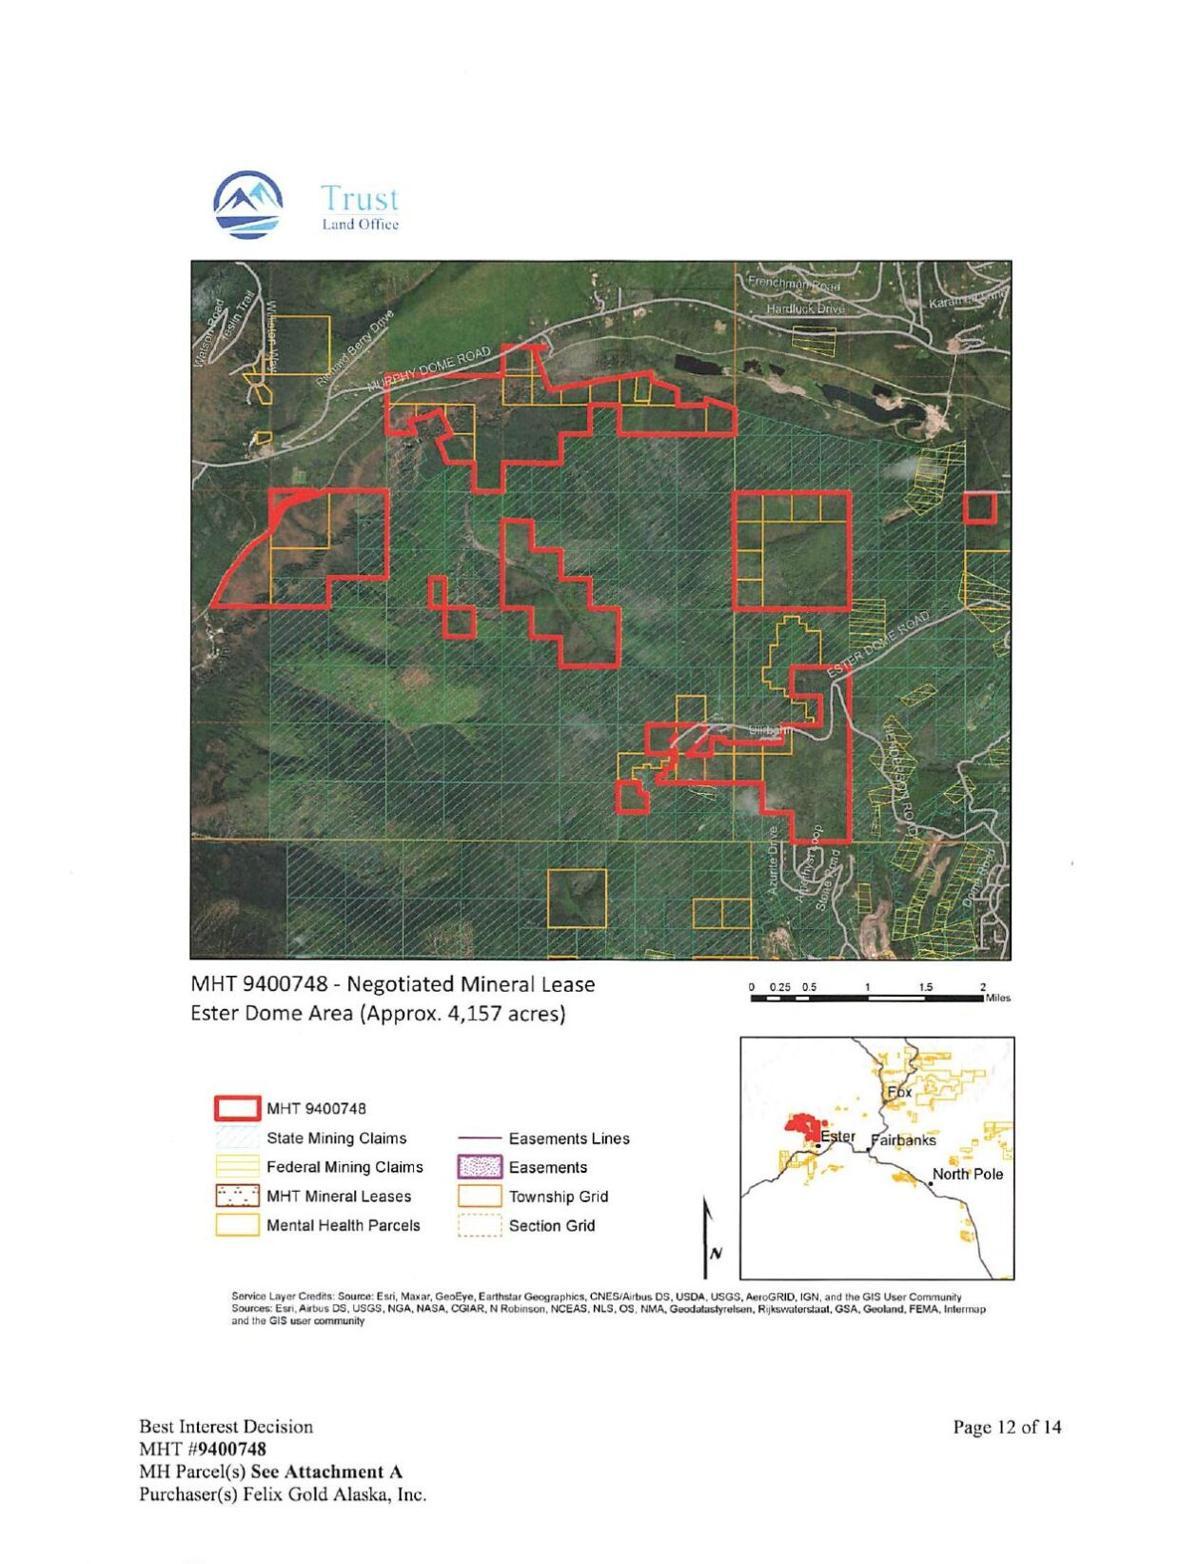 Proposed exploration sites